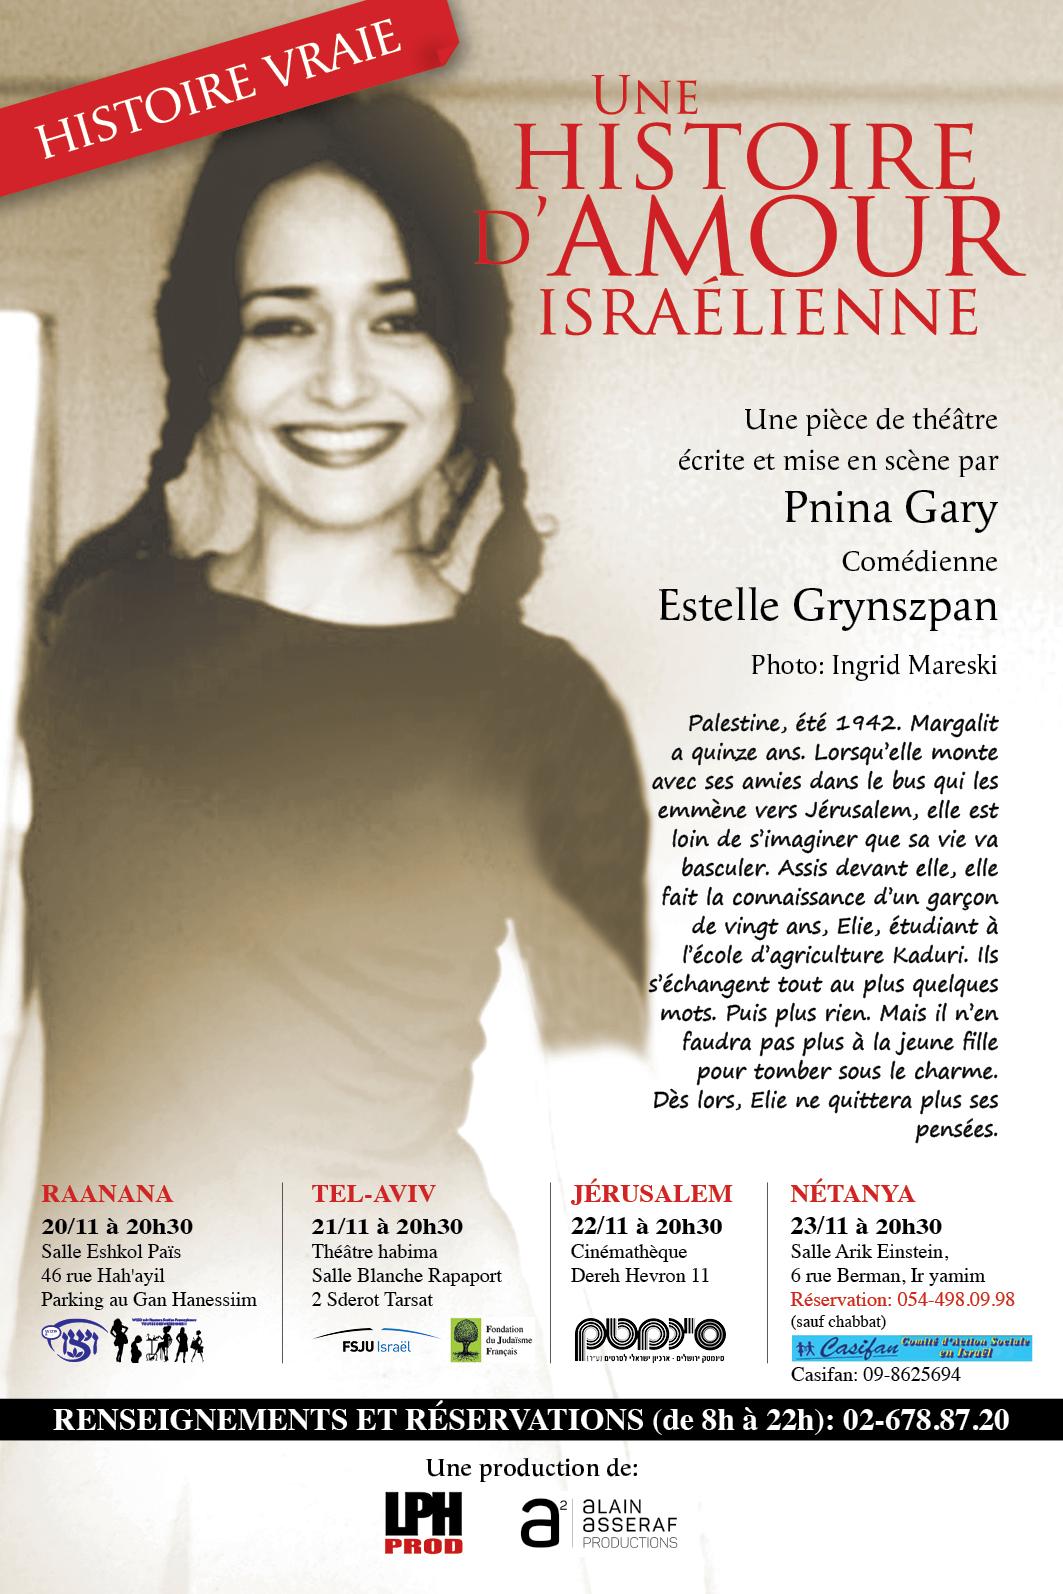 theatre une histoire d'amour jerusalem